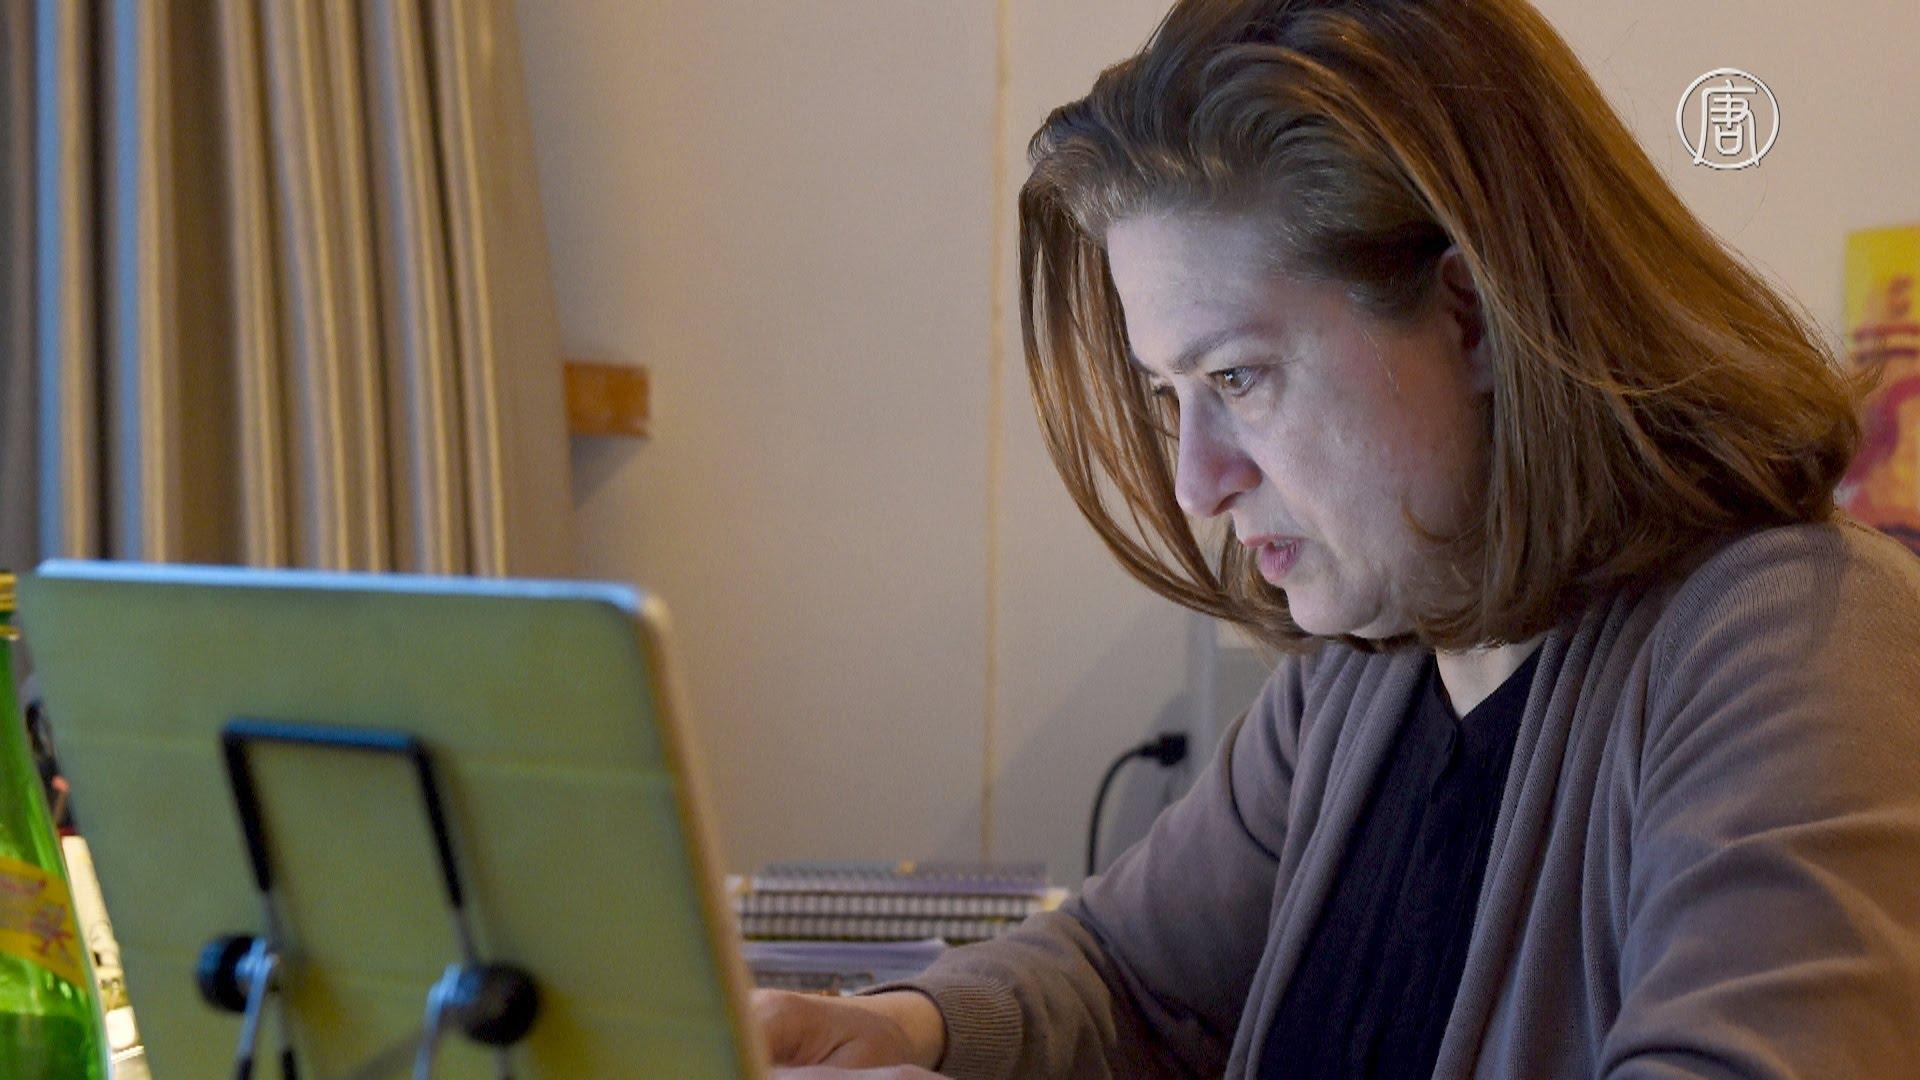 Французская журналистка Урсула Готье. Скриншот видео.